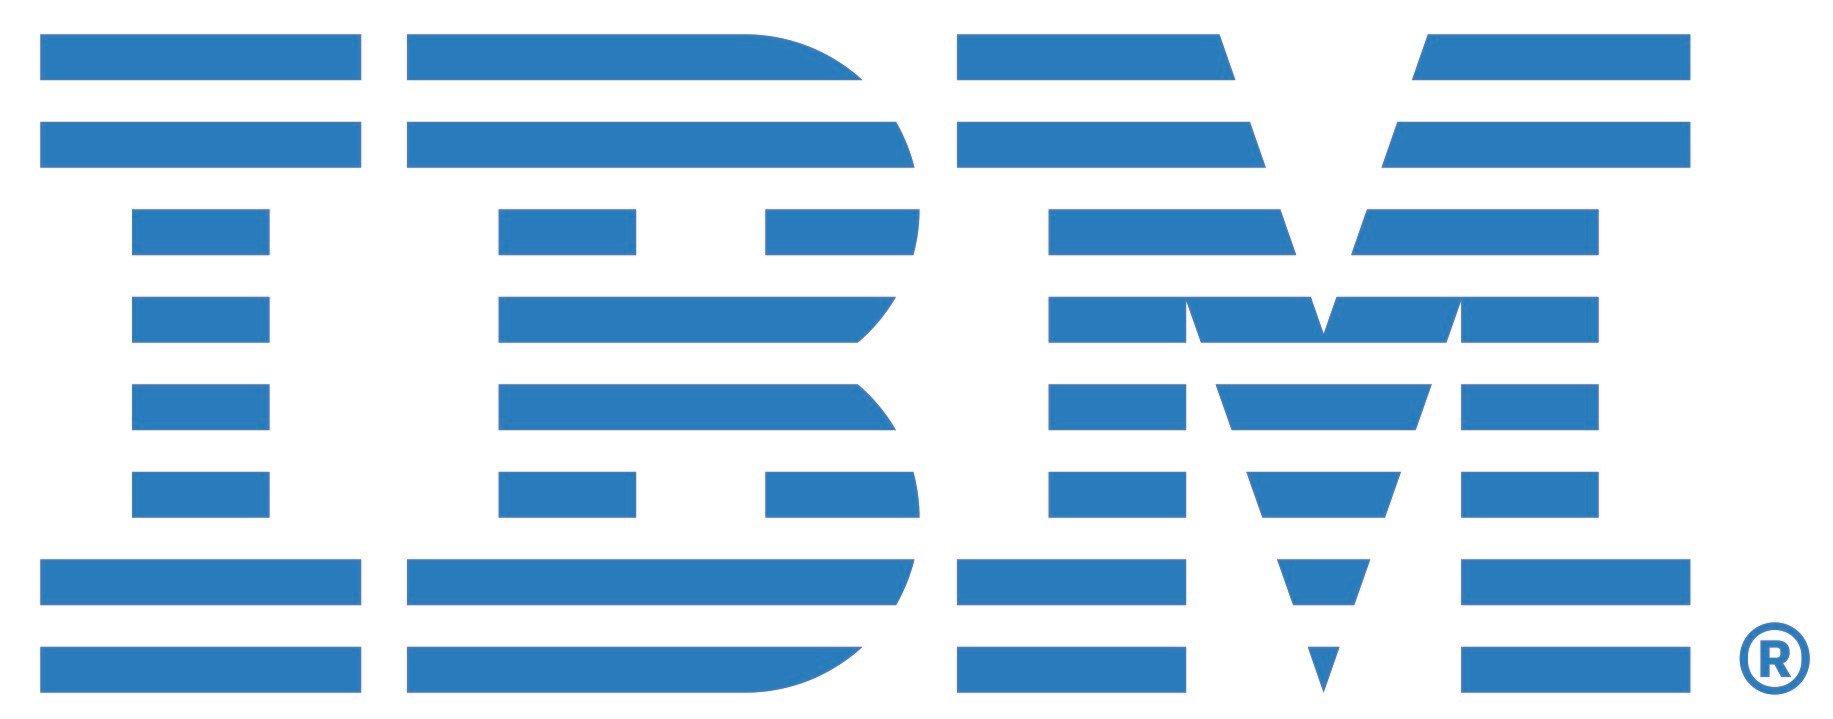 IBM_logo_blue60_CMYK-2